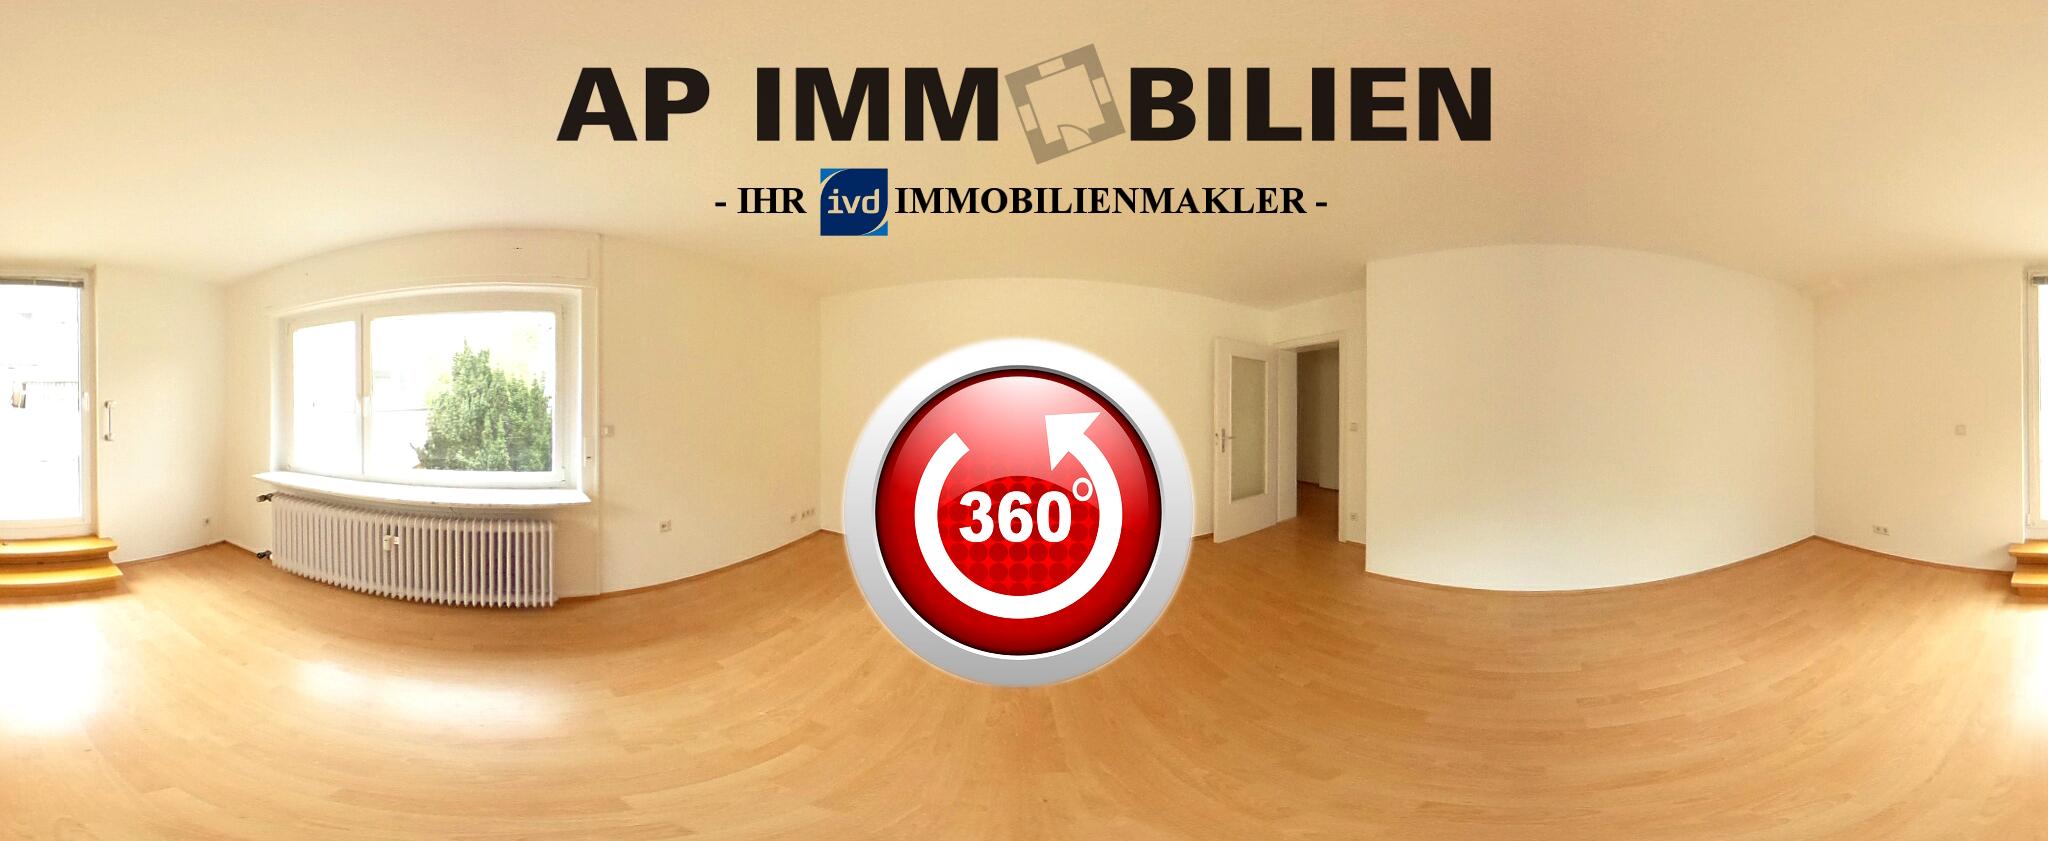 AP Immobilien GmbH - Ihr IVD Immobilienmakler aus Mainz - NEUER SERVICE INKLUSIVE – 360° RUNDGÄNGE